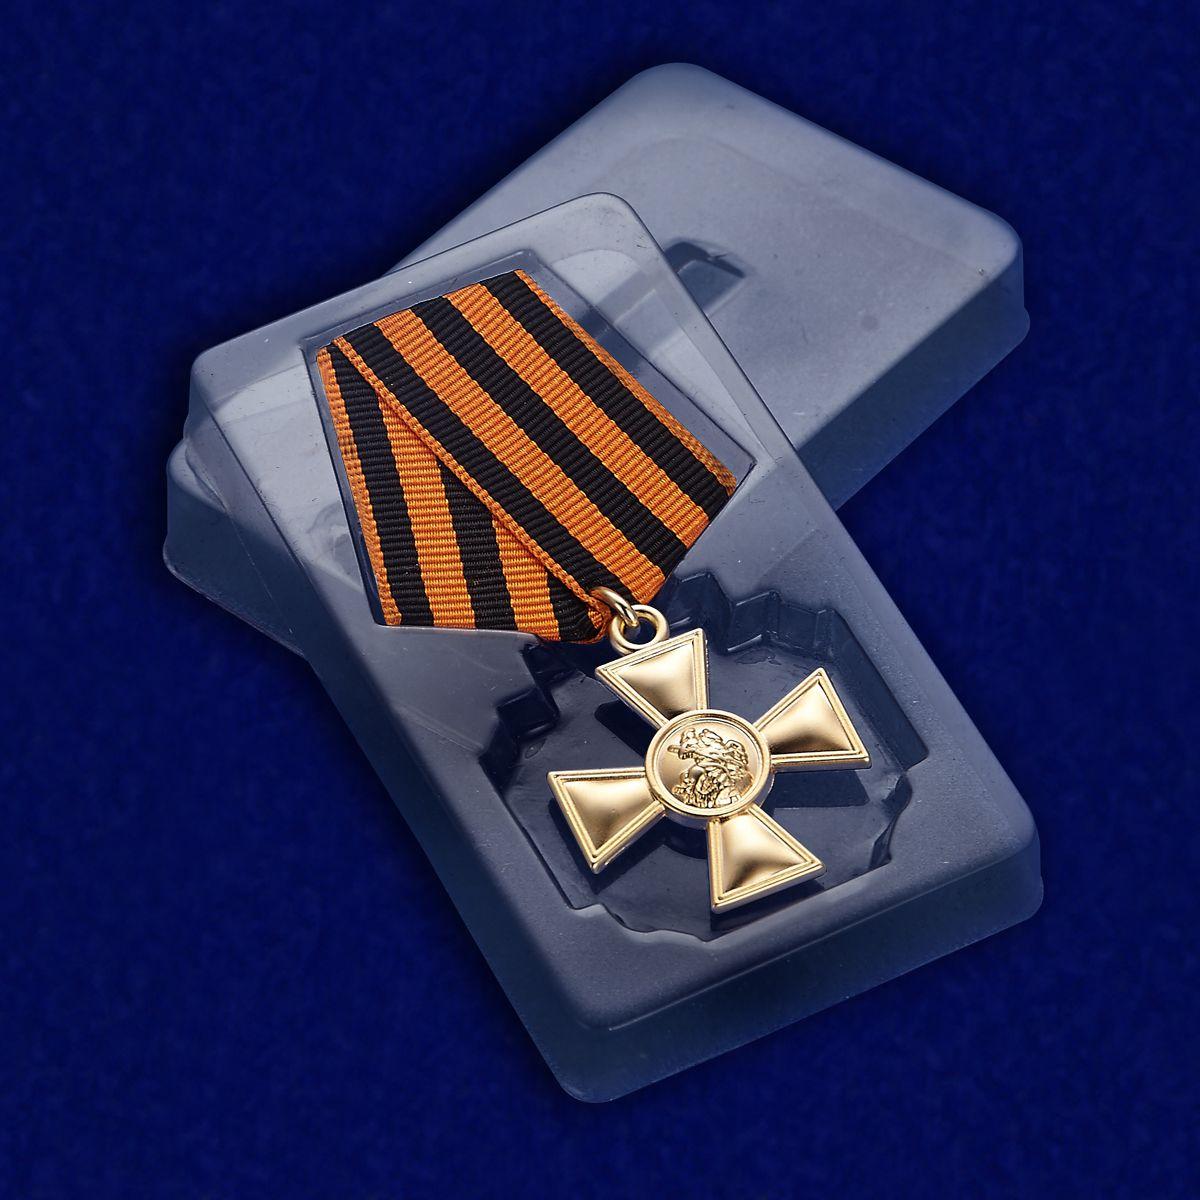 Георгиевский крест II степени - в футляре